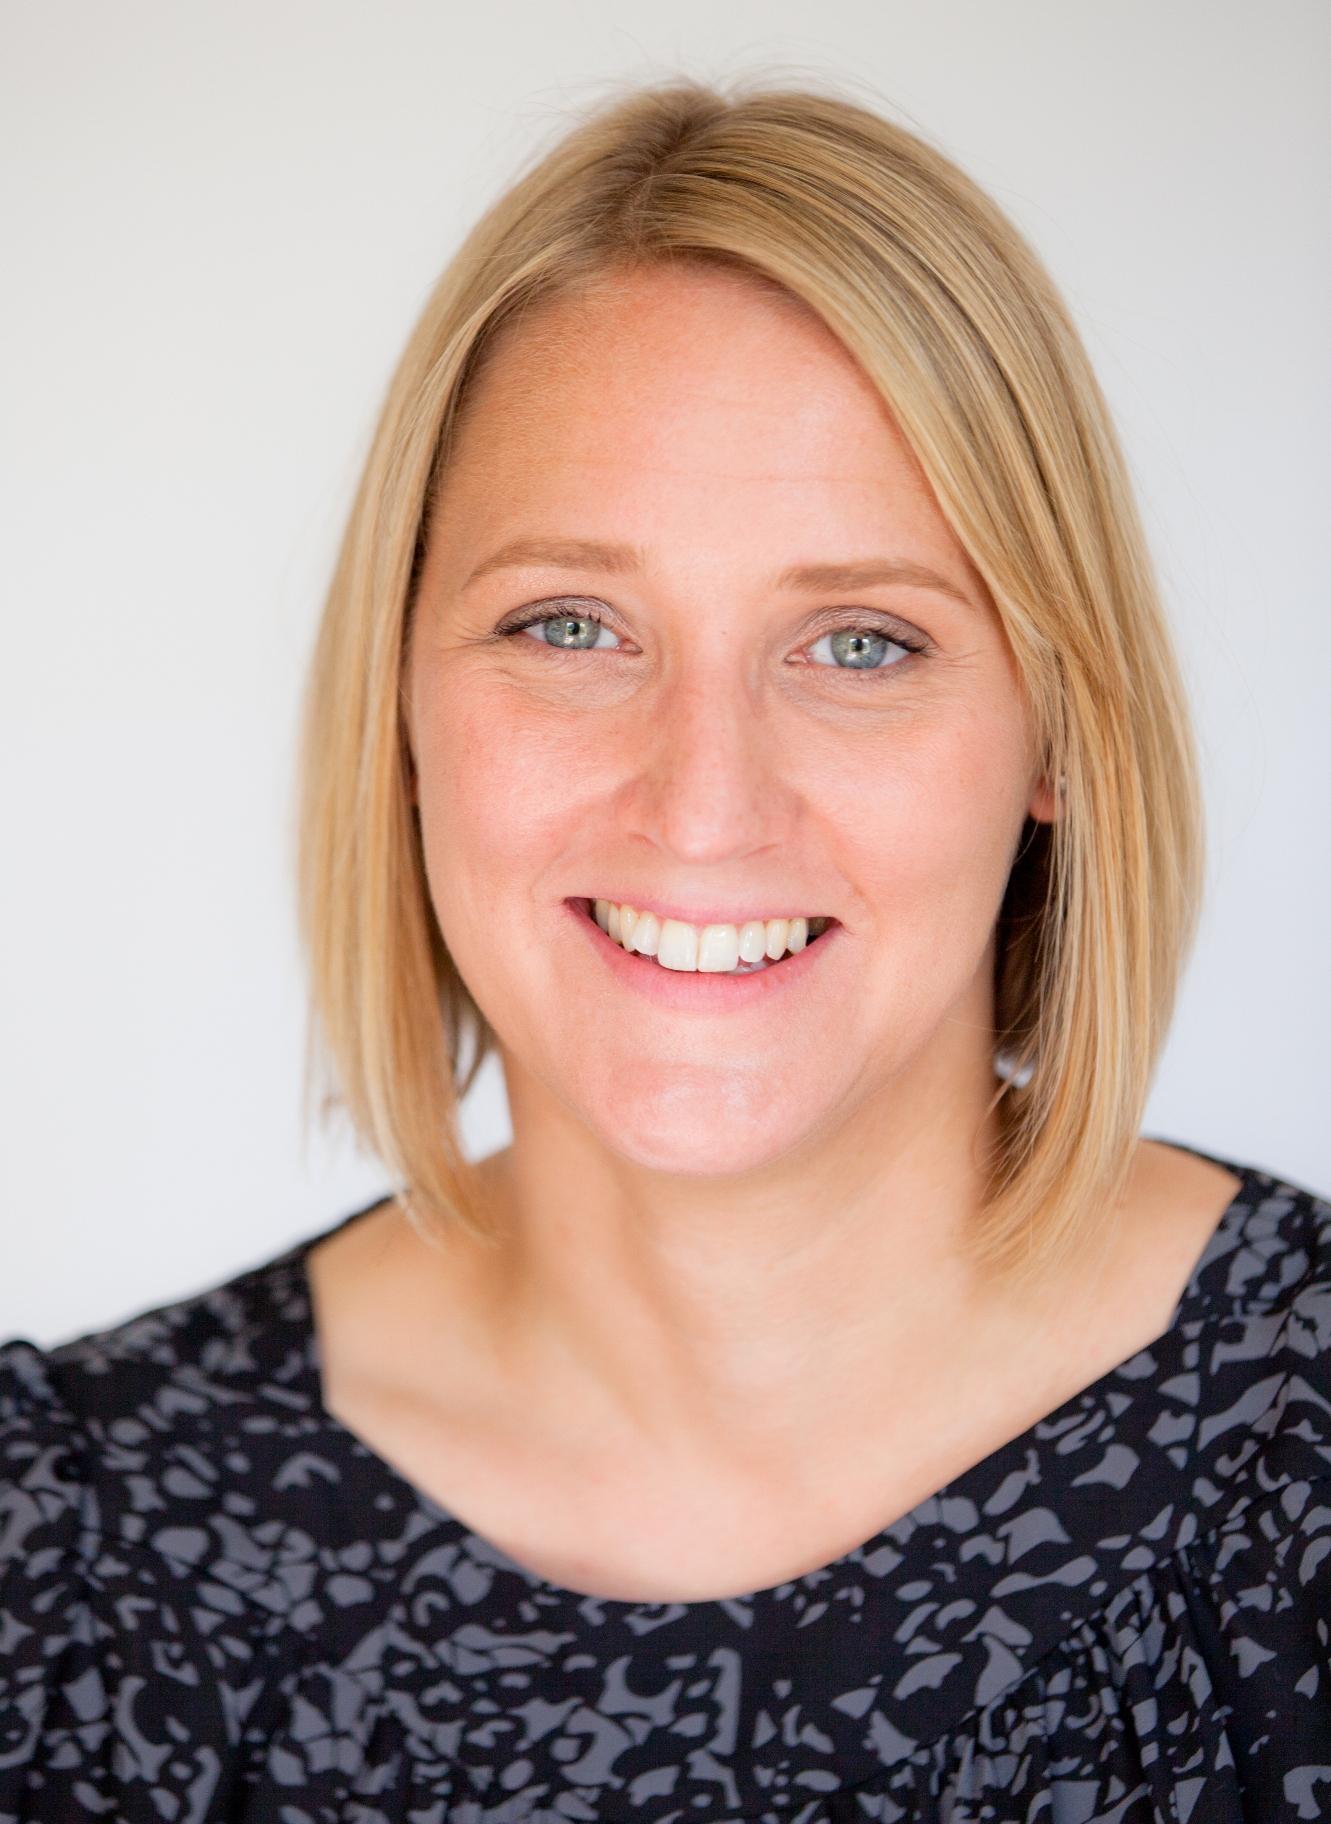 Herd founder Amy De-Balsi, organiser of Leeds Digital Job Fair 3.0